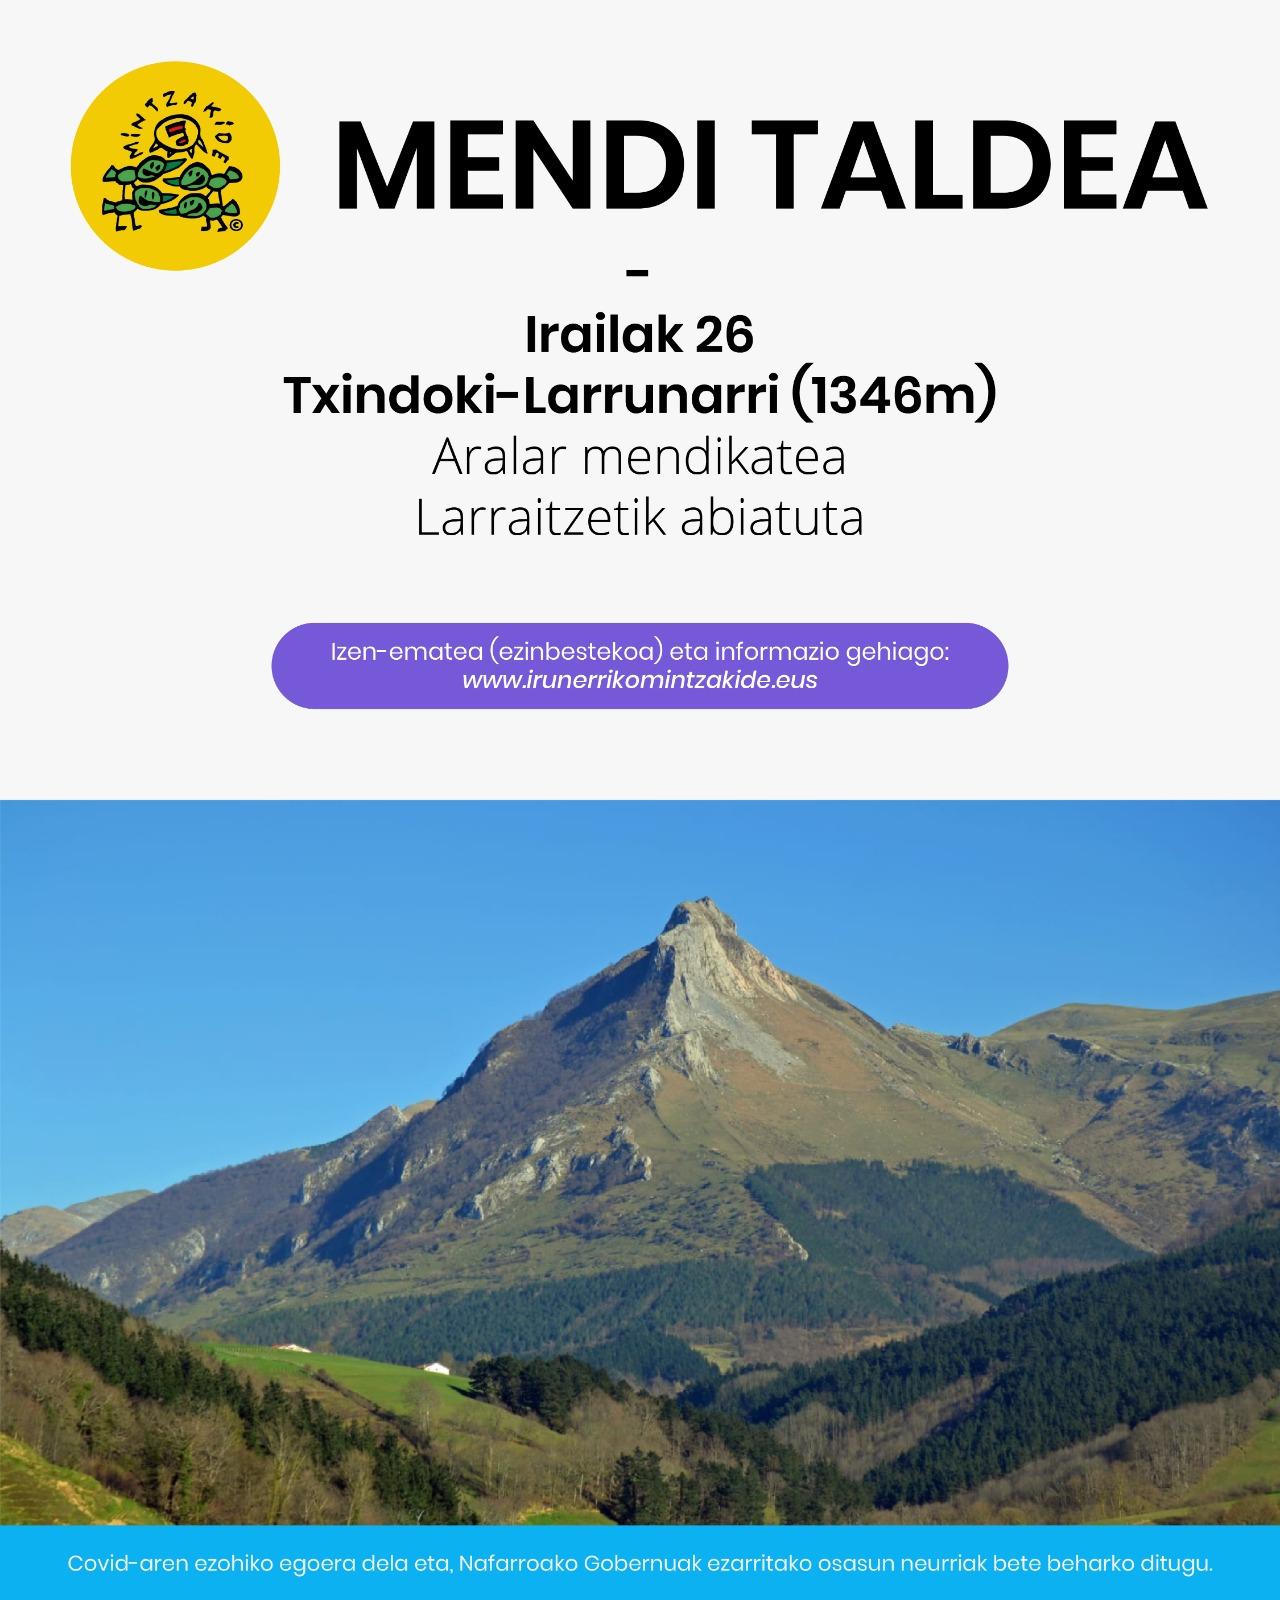 Txindoki-Larrunarri (1346m)